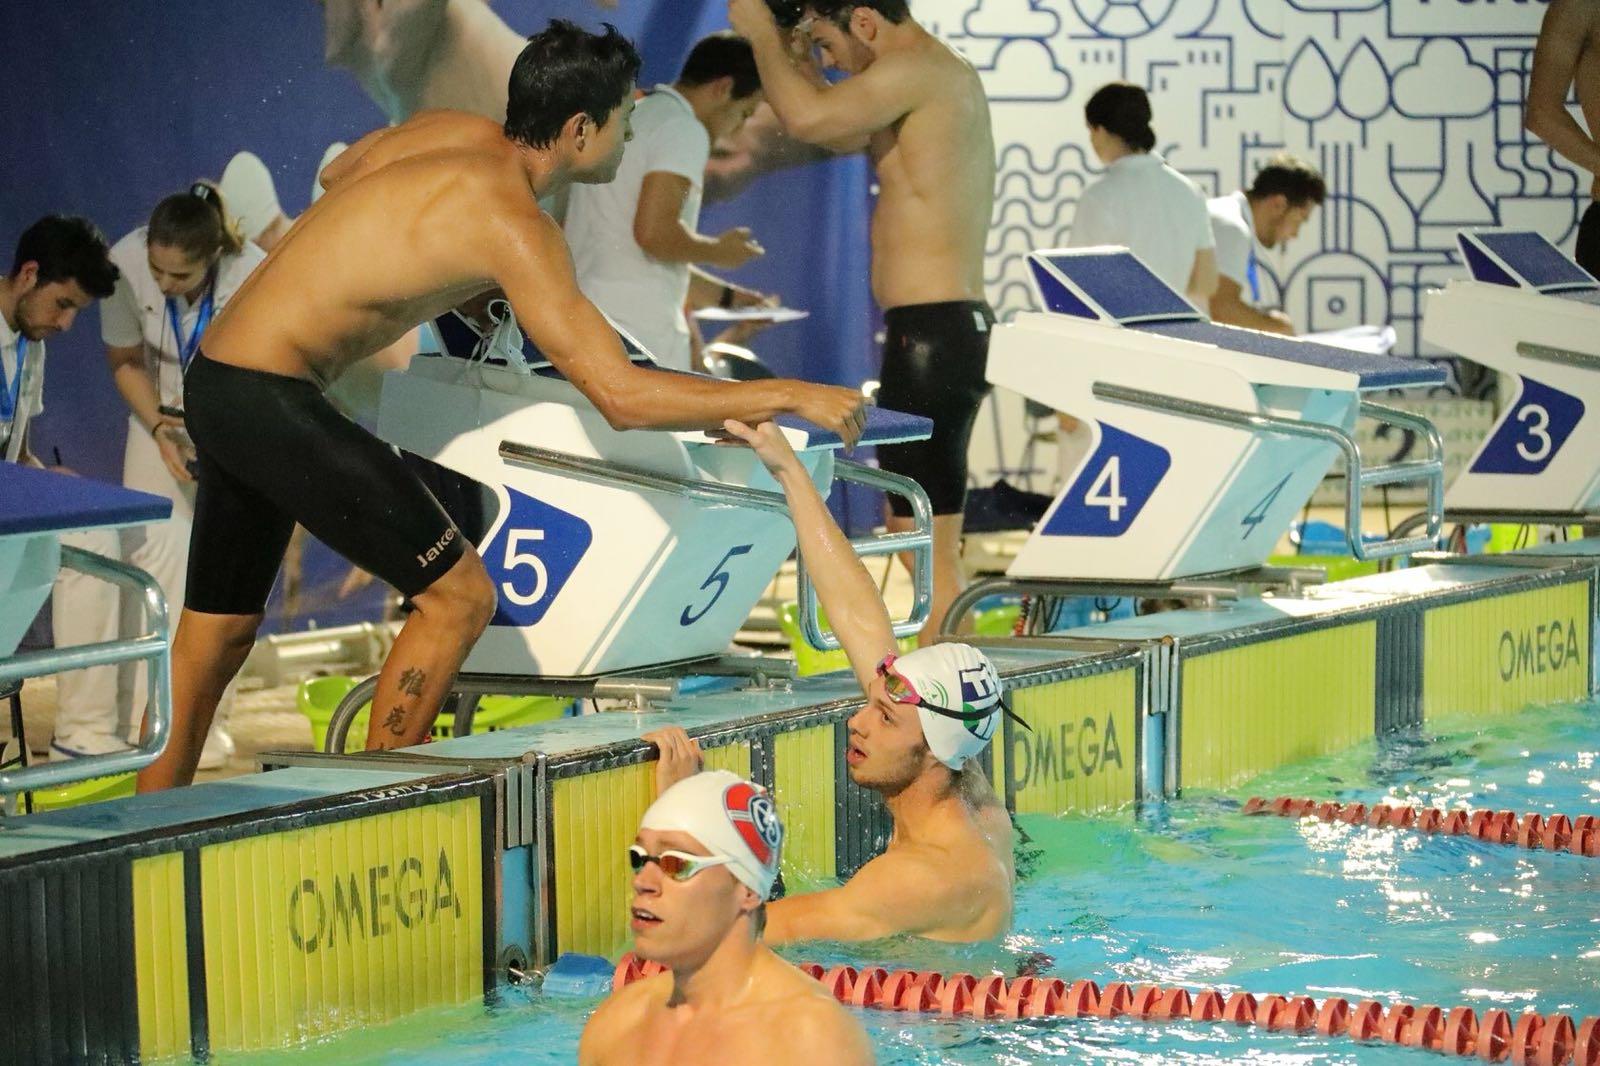 El nadador Alejandro Trujillo logra cuatro medallas en el 34º Meeting Internacional de Oporto en Portugal